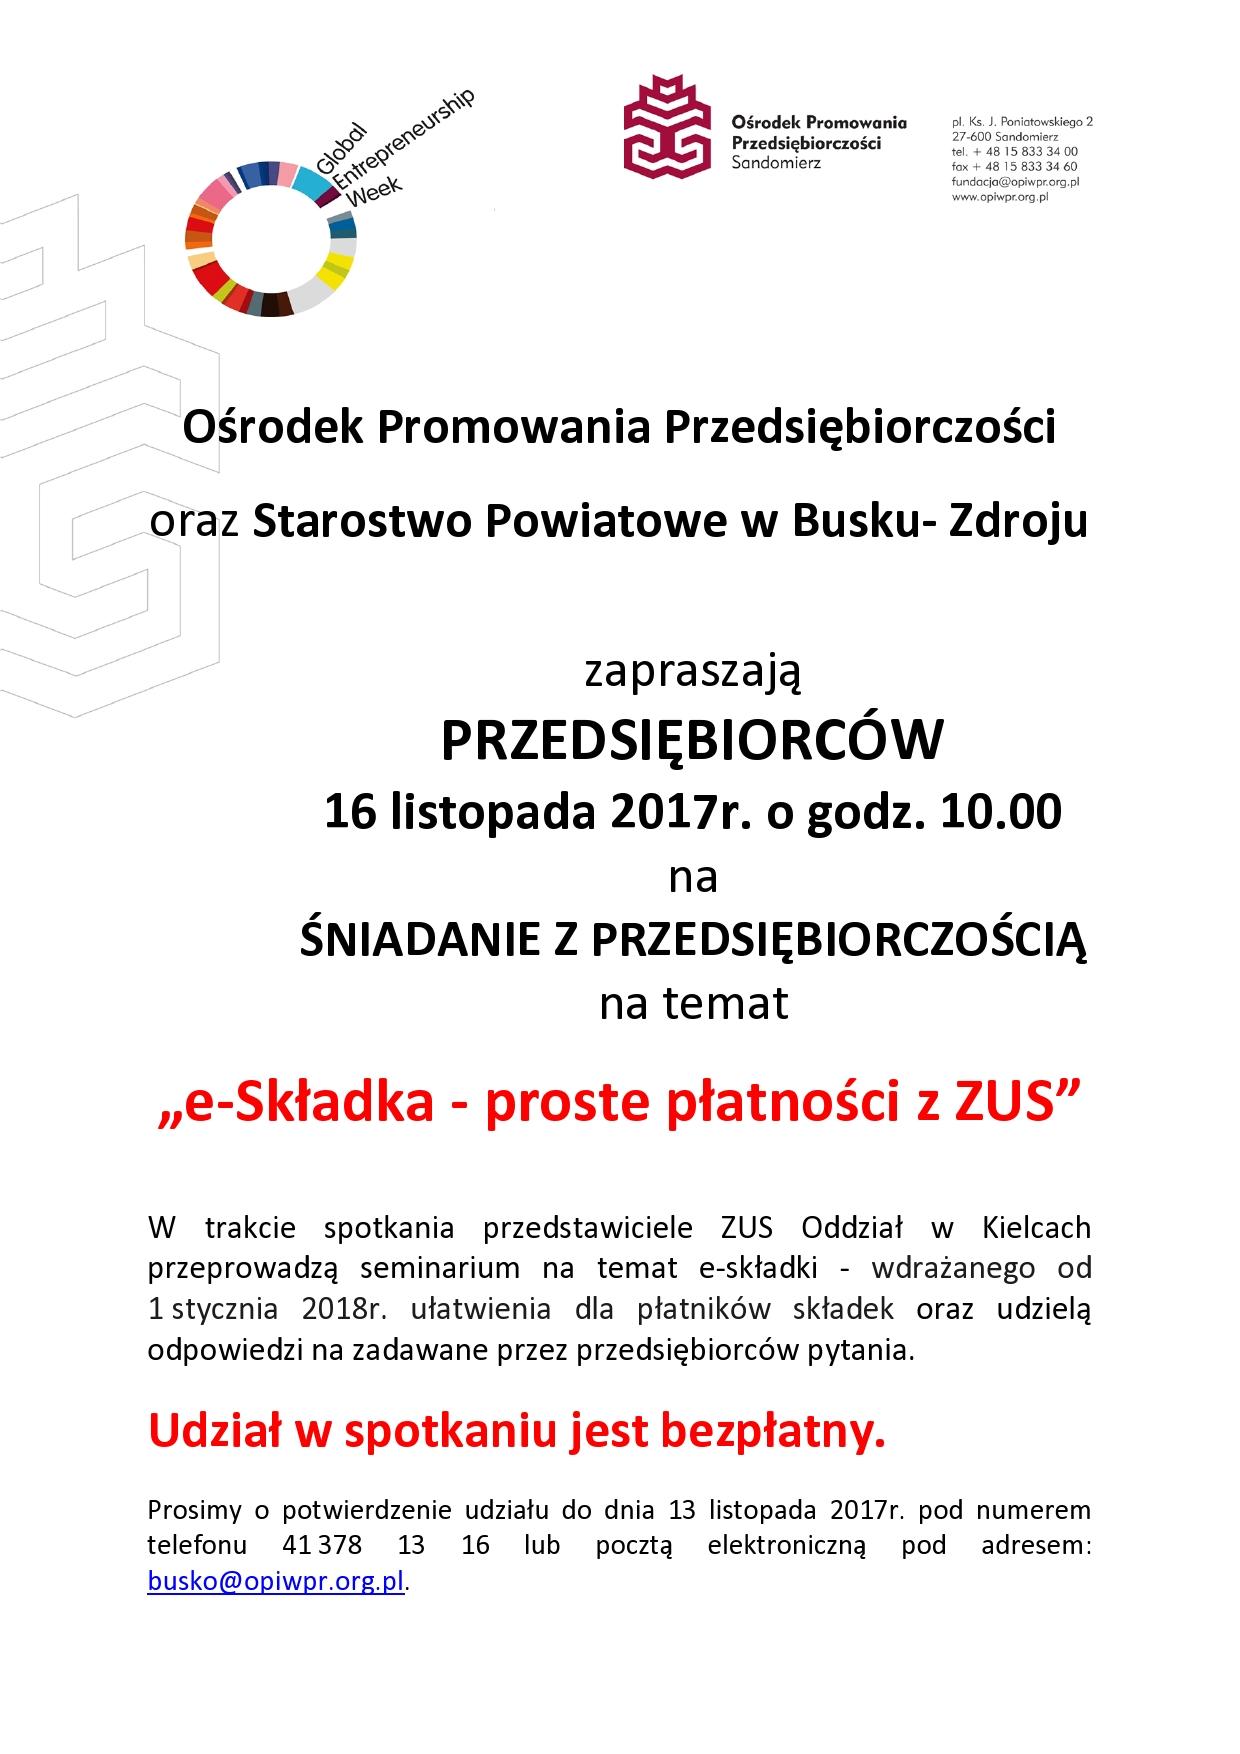 zaproszenie_przedsiebiorcy_page0001.jpg